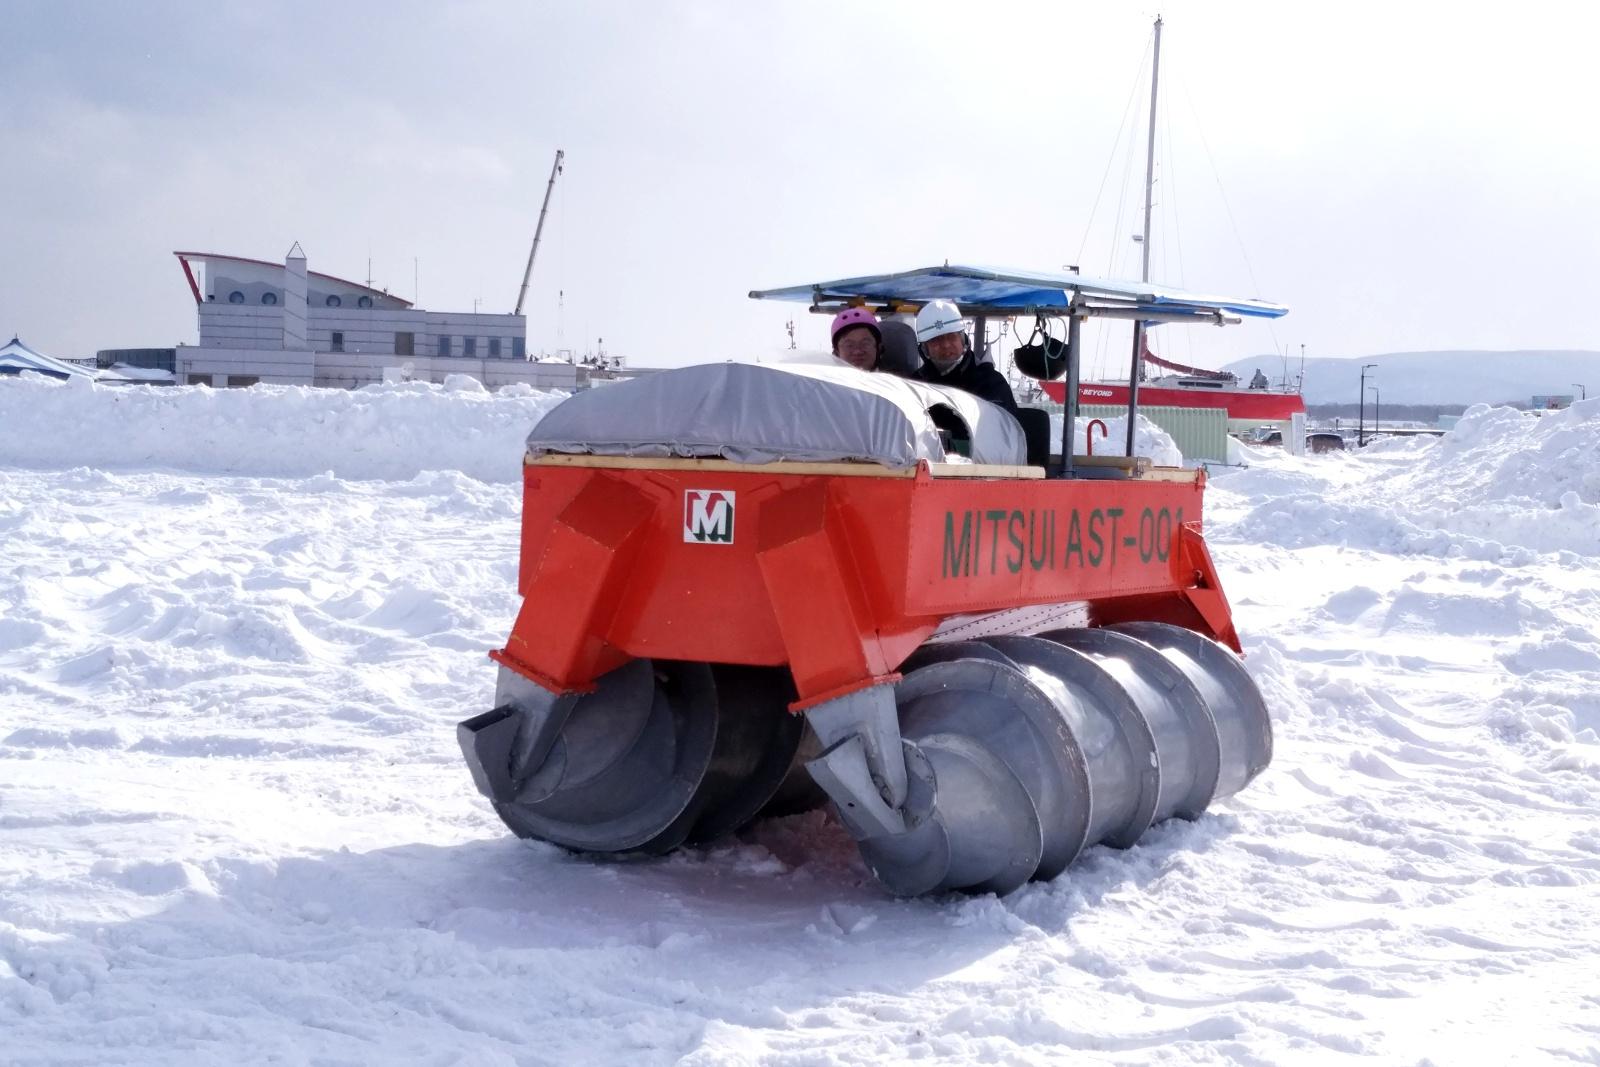 元祖ガリンコ号「AST-001」に乗れる!紋別市で冬のイベント初開催!